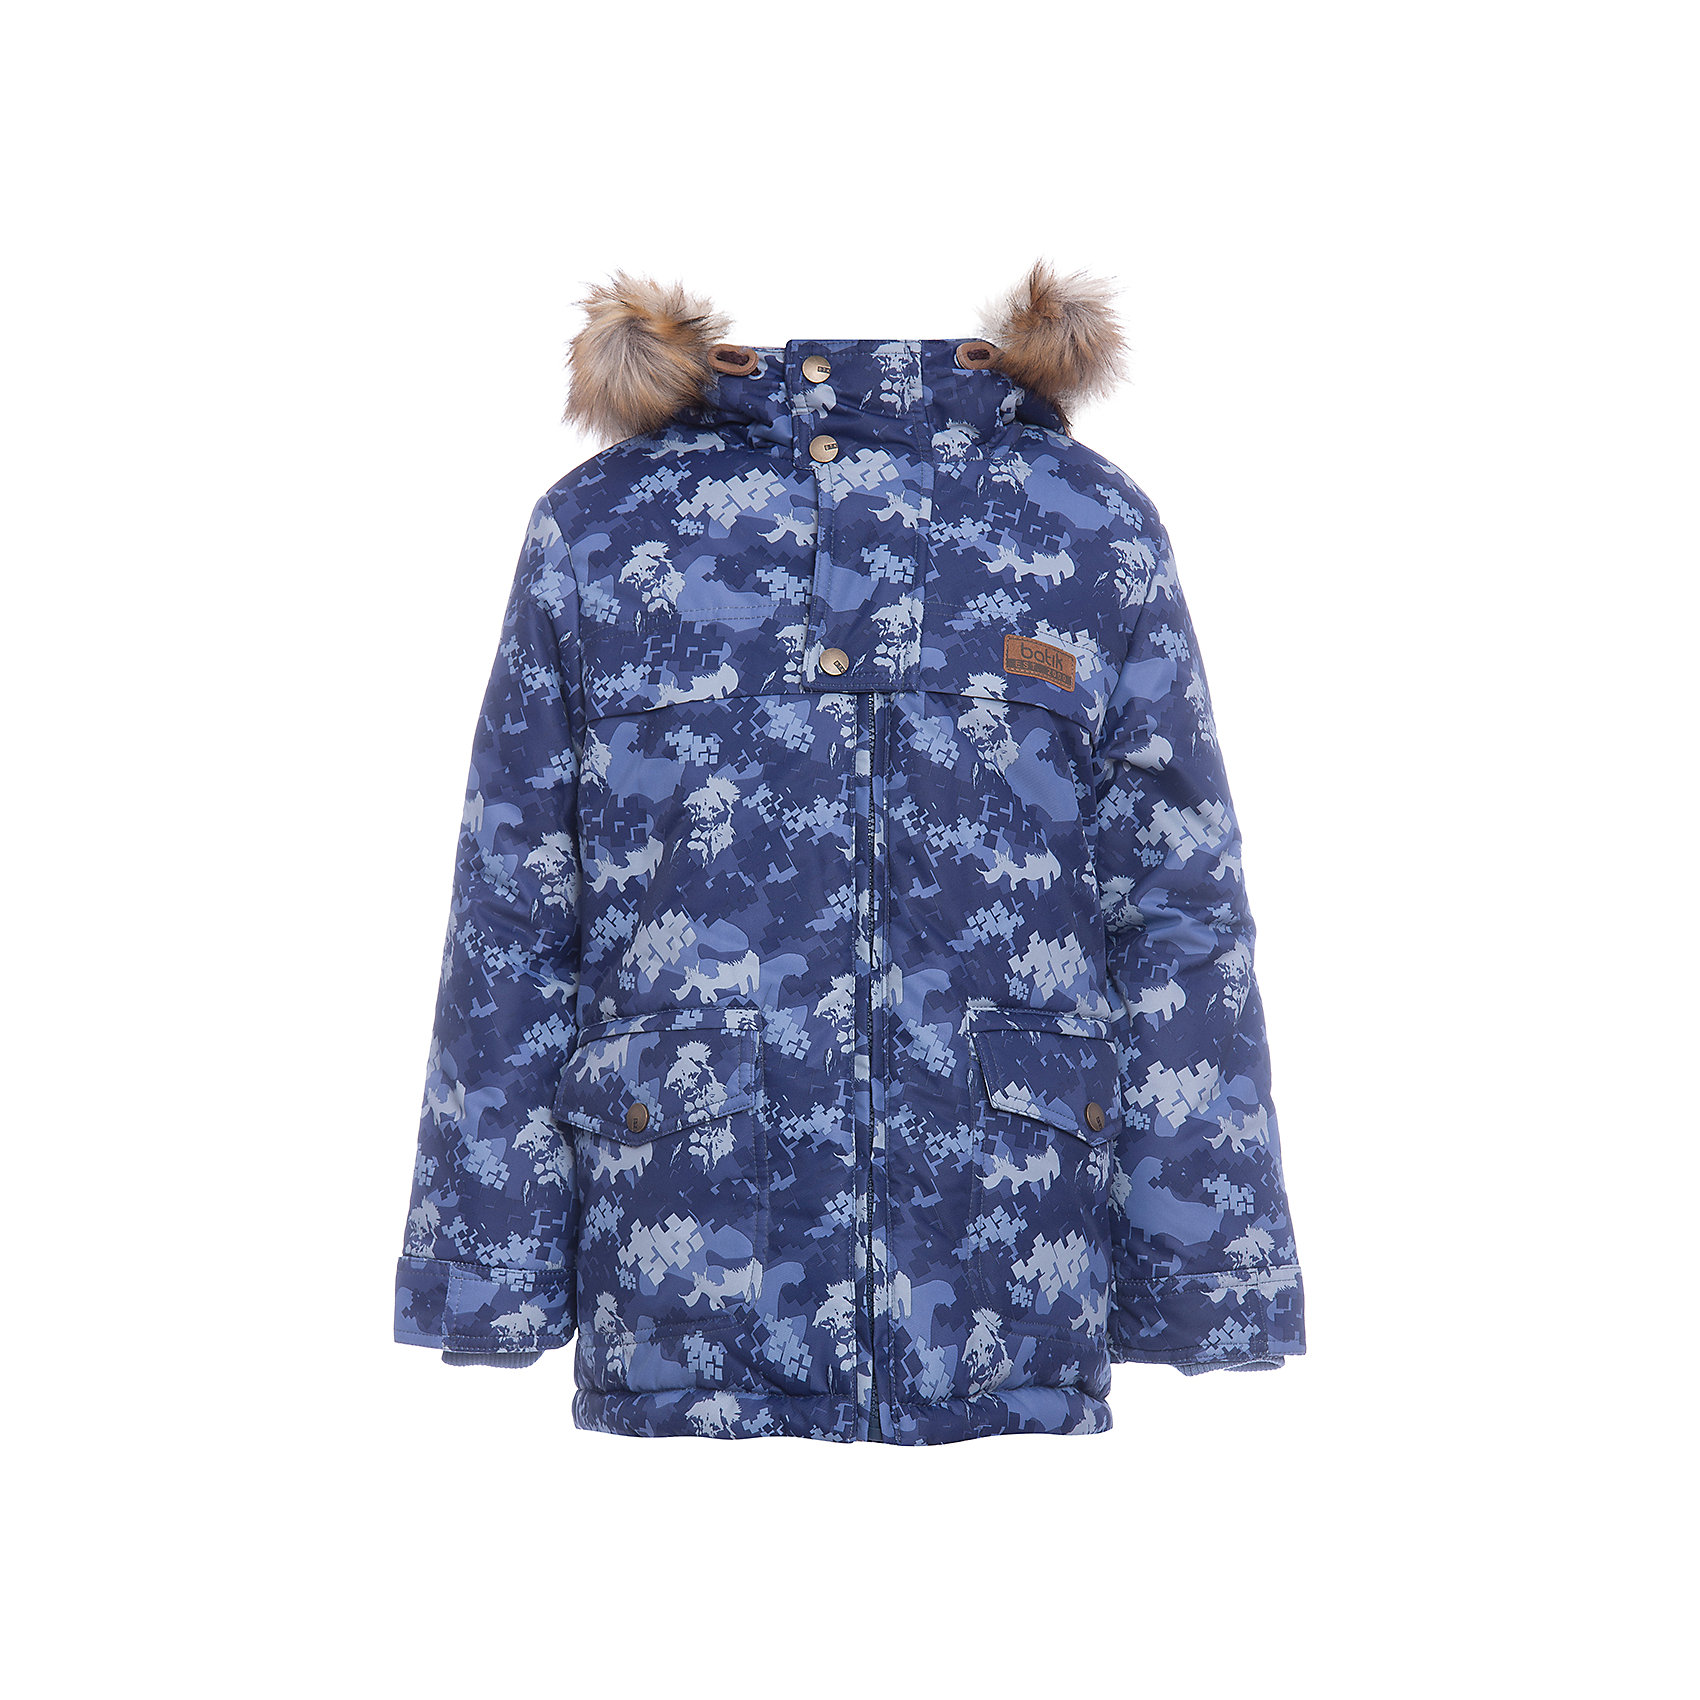 Куртка Бойд Batik для мальчикаВерхняя одежда<br>Характеристики товара:<br><br>• цвет: синий<br>• состав ткани: Poly 051 lamination <br>• подкладка: мех подкладочный под овчину <br>• утеплитель: термофин<br>• сезон: зима<br>• мембранное покрытие<br>• температурный режим: от -35 до 0<br>• водонепроницаемость: 5000 мм <br>• паропроницаемость: 5000 г/м2<br>• плотность утеплителя: 300 г/м2<br>• застежка: молния<br>• капюшон: с мехом<br>• страна бренда: Россия<br>• страна изготовитель: Россия<br><br>Практичная куртка Batik для мальчика благодаря мембранному покрытию подходит для ношения в сильные морозы. Детская куртка от бренда Batik отличается удобным капюшоном и карманами. Мембранная зимняя куртка стильная и теплая. Мембранное покрытие детской куртки не задерживает воздух, но защищает от влаги, ветра и холода. <br><br>Куртку Бойд Batik (Батик) для мальчика можно купить в нашем интернет-магазине.<br><br>Ширина мм: 356<br>Глубина мм: 10<br>Высота мм: 245<br>Вес г: 519<br>Цвет: синий<br>Возраст от месяцев: 72<br>Возраст до месяцев: 84<br>Пол: Мужской<br>Возраст: Детский<br>Размер: 122,92,98,104,110,116<br>SKU: 7028063